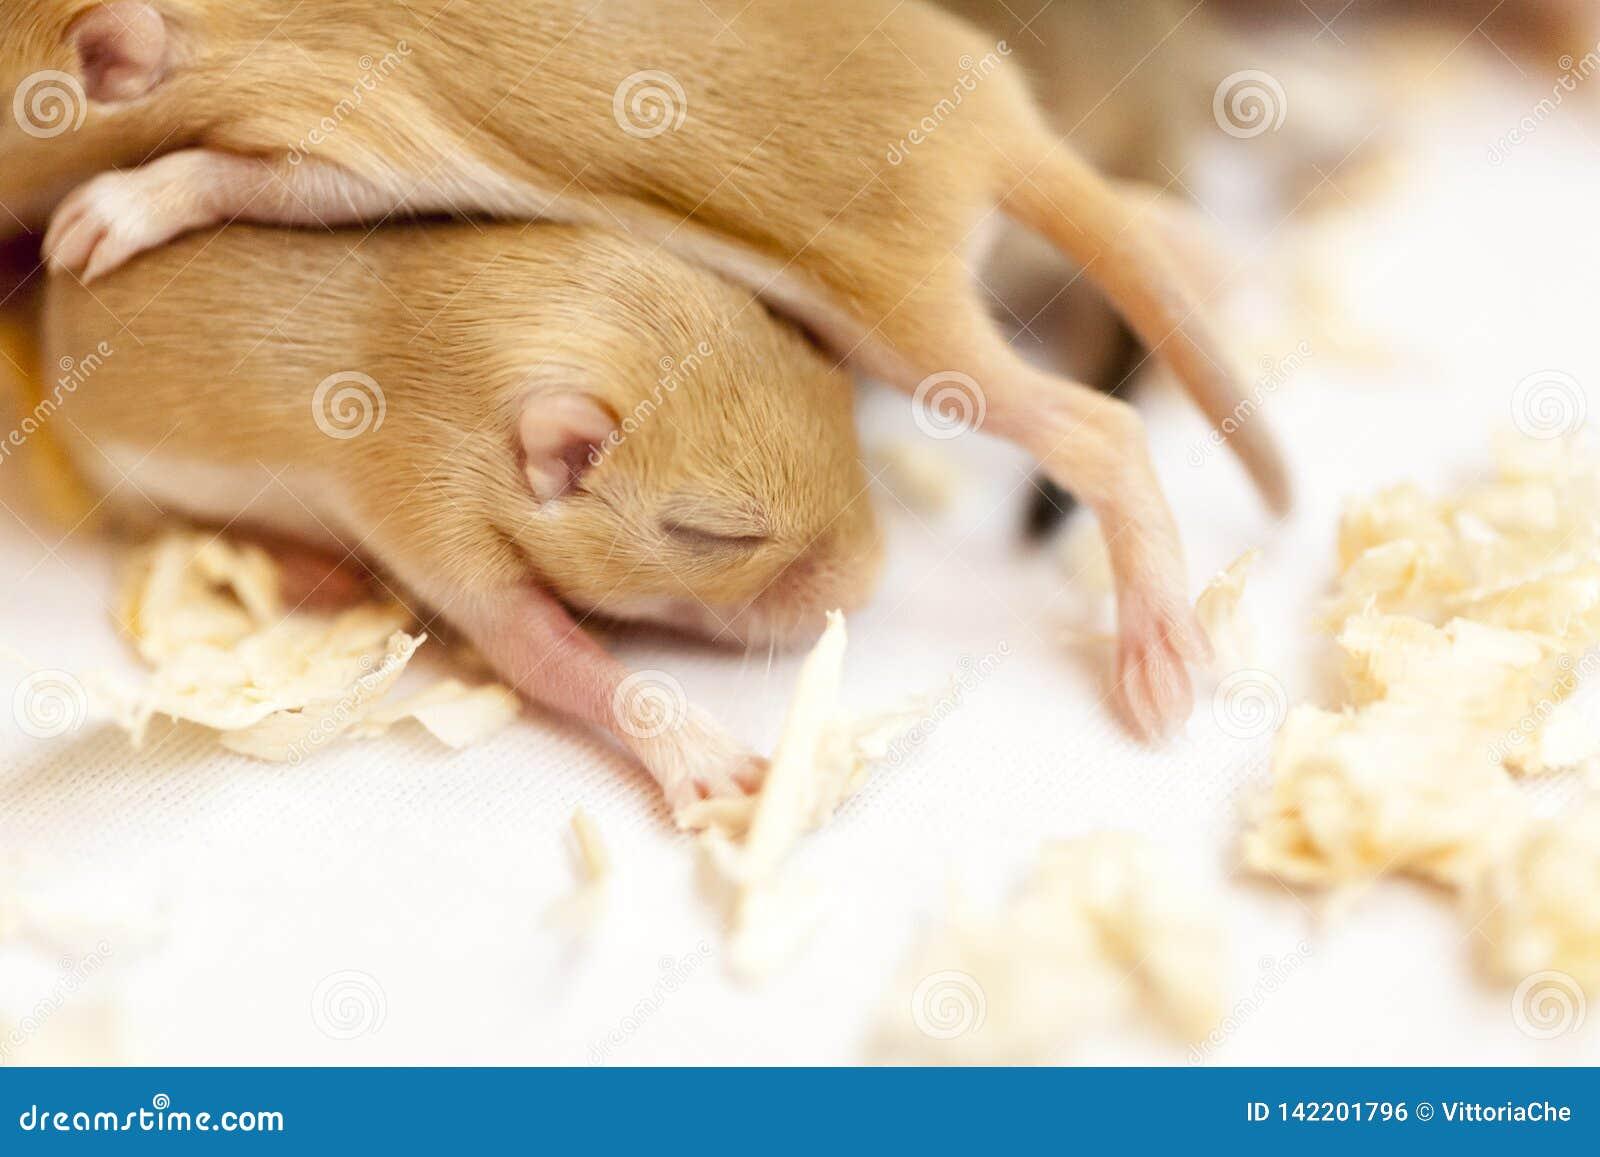 Zamyka w górę wizerunku mały śliczny myszy dzieci spać skupiam się wpólnie